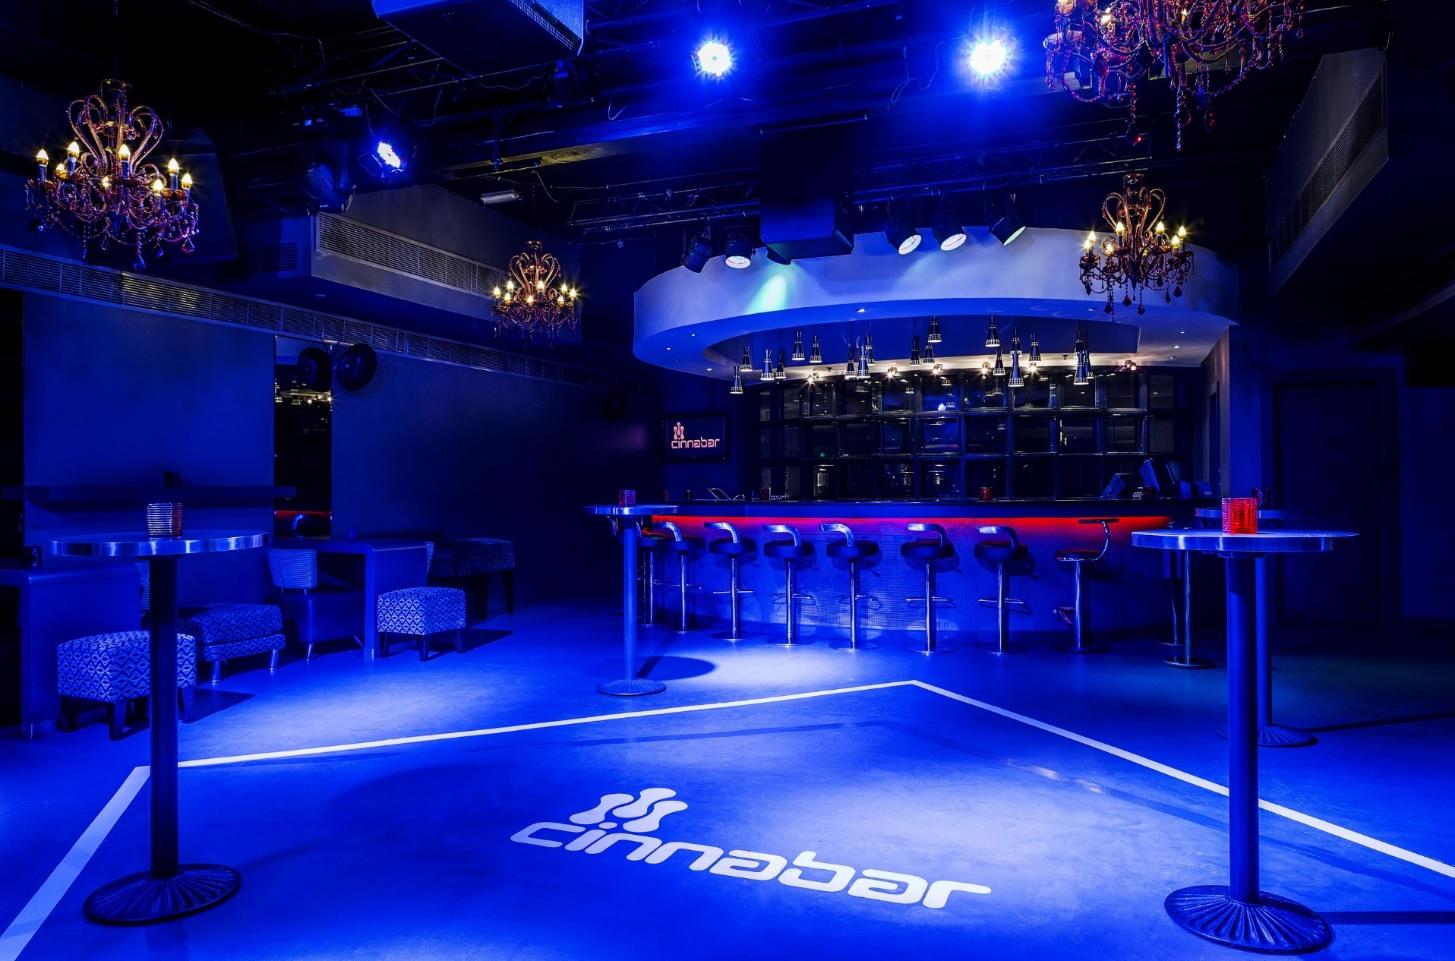 فندق هيلتون أبوظبي الكورنيش يعلن عن برامجه الموسيقية لشهر نوفمبر 2016